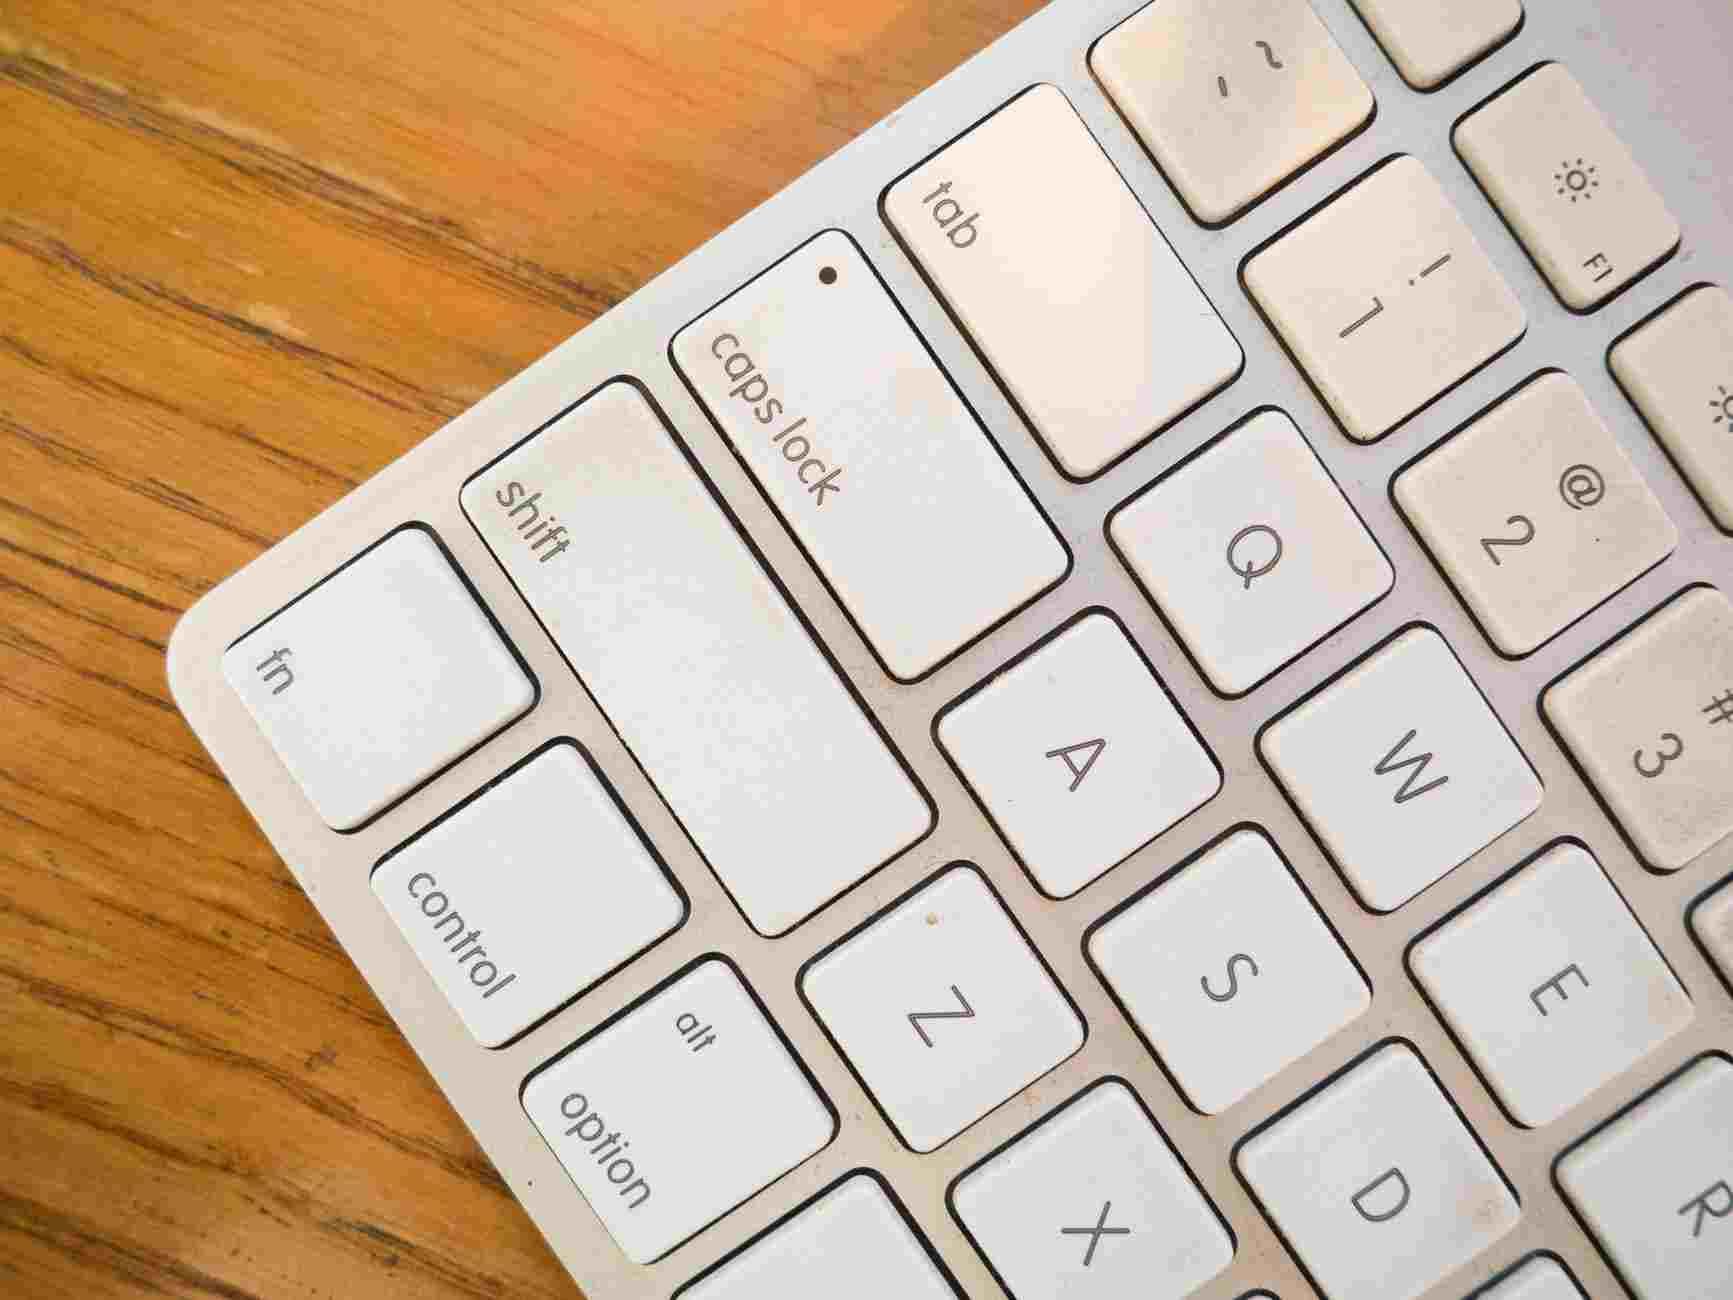 Cara Mengetahui Laptop Ada Bluetooth atau Tidak pada Laptop Mac